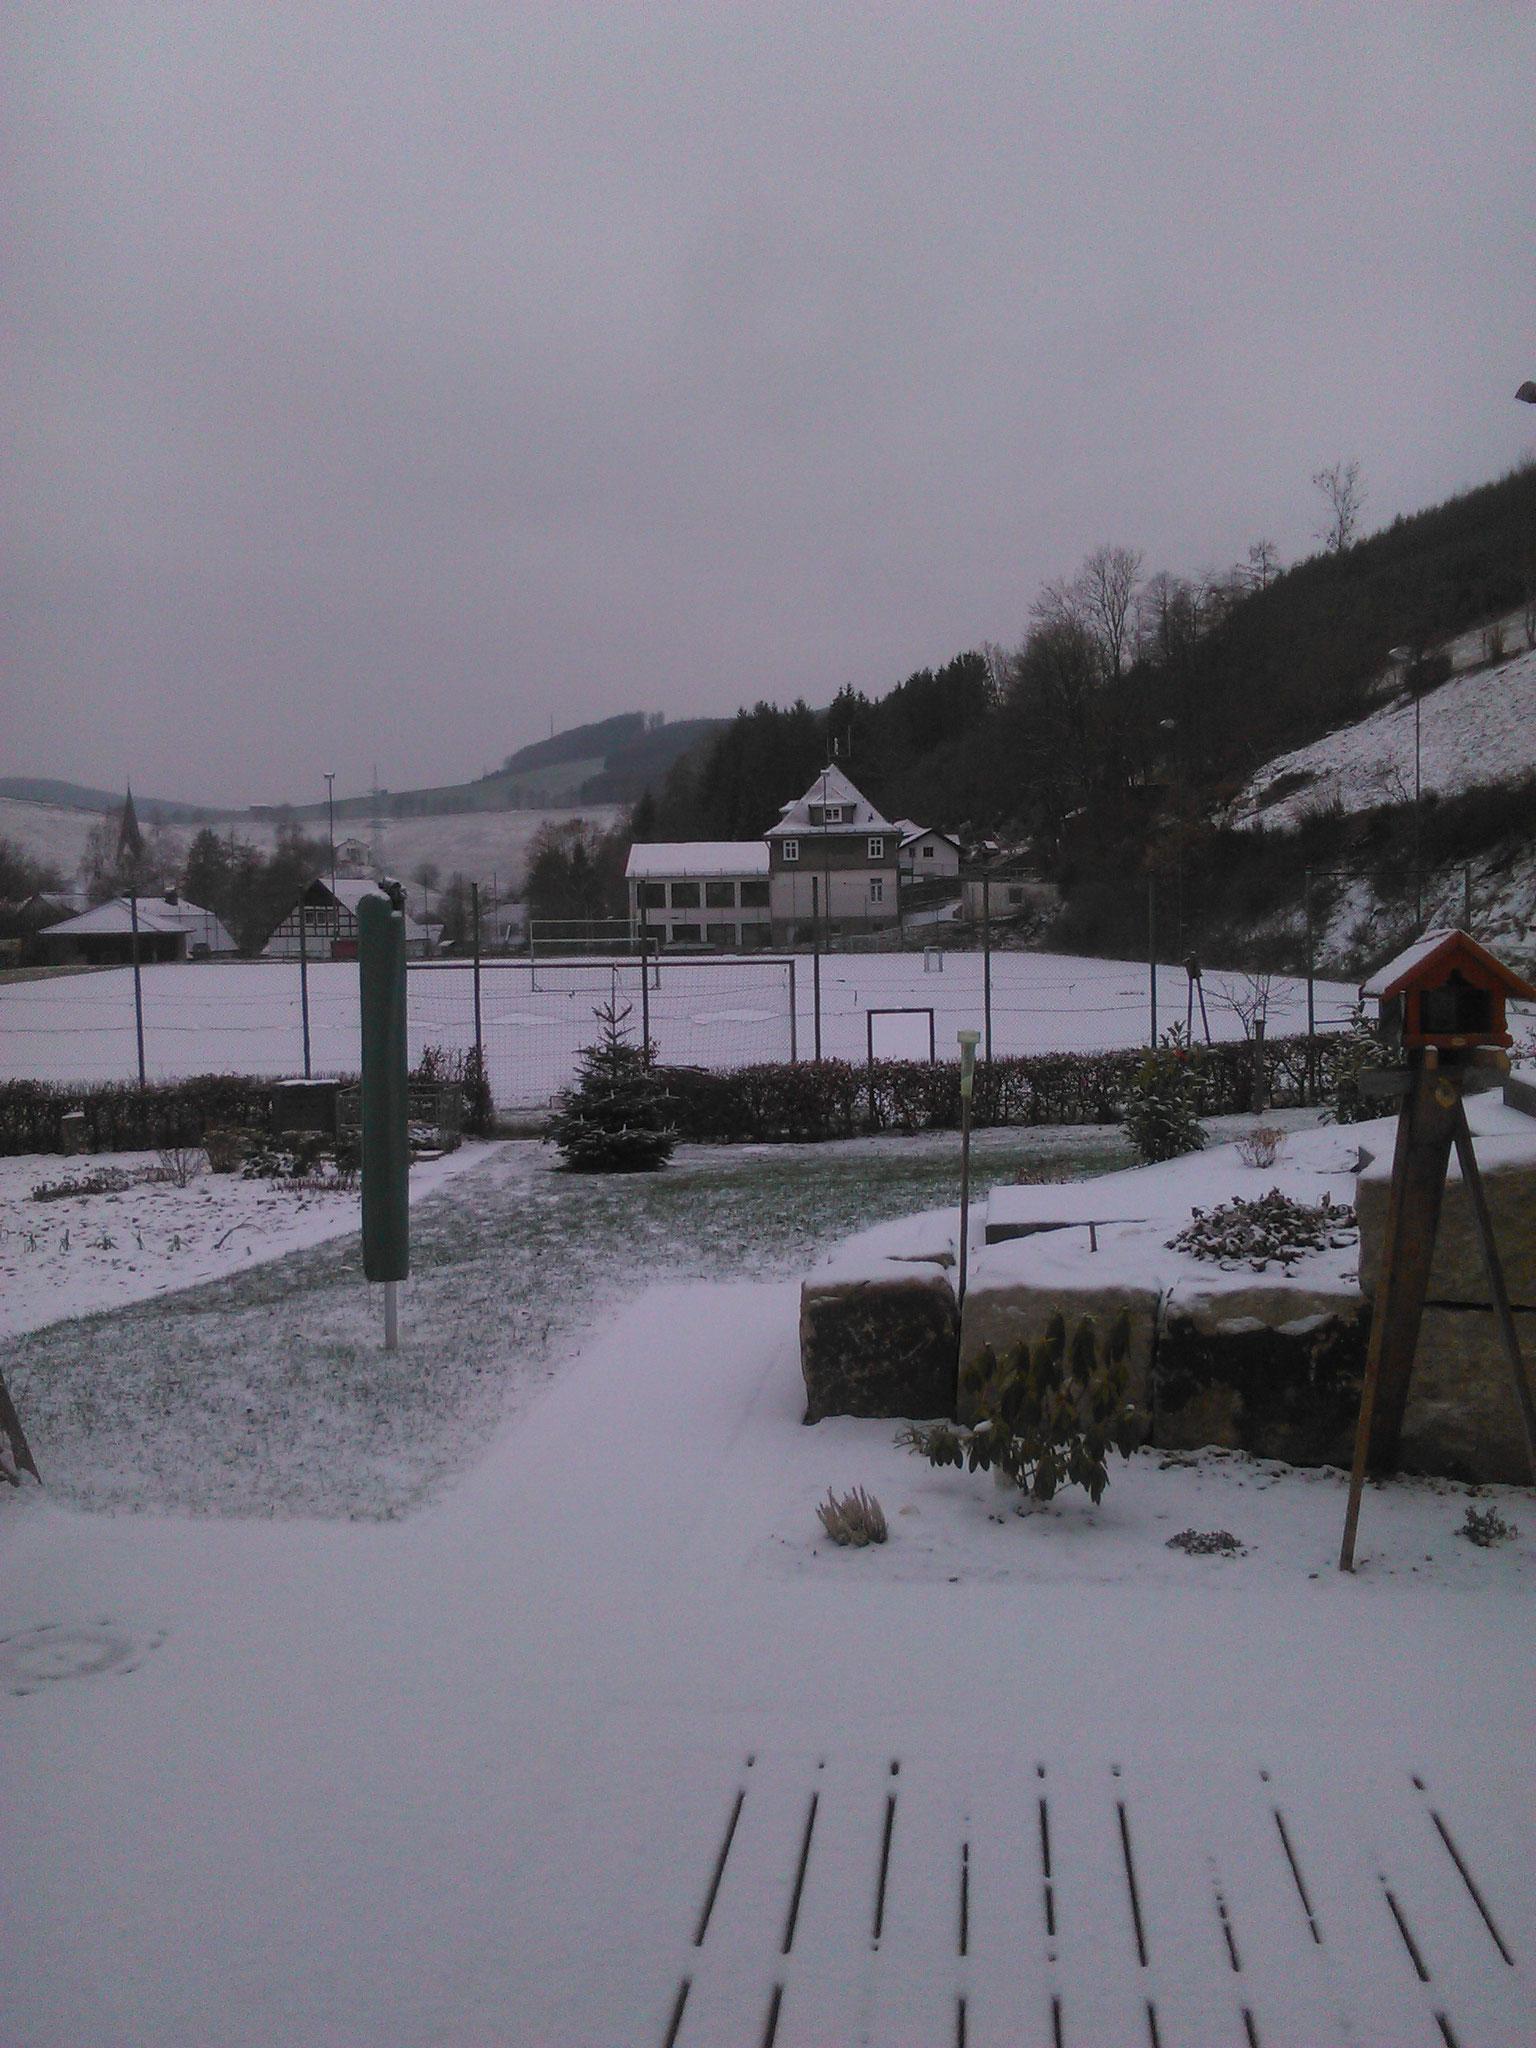 Gerhard Plugge - Alte Schule und Sportplatz im Winter - Dezember 2018